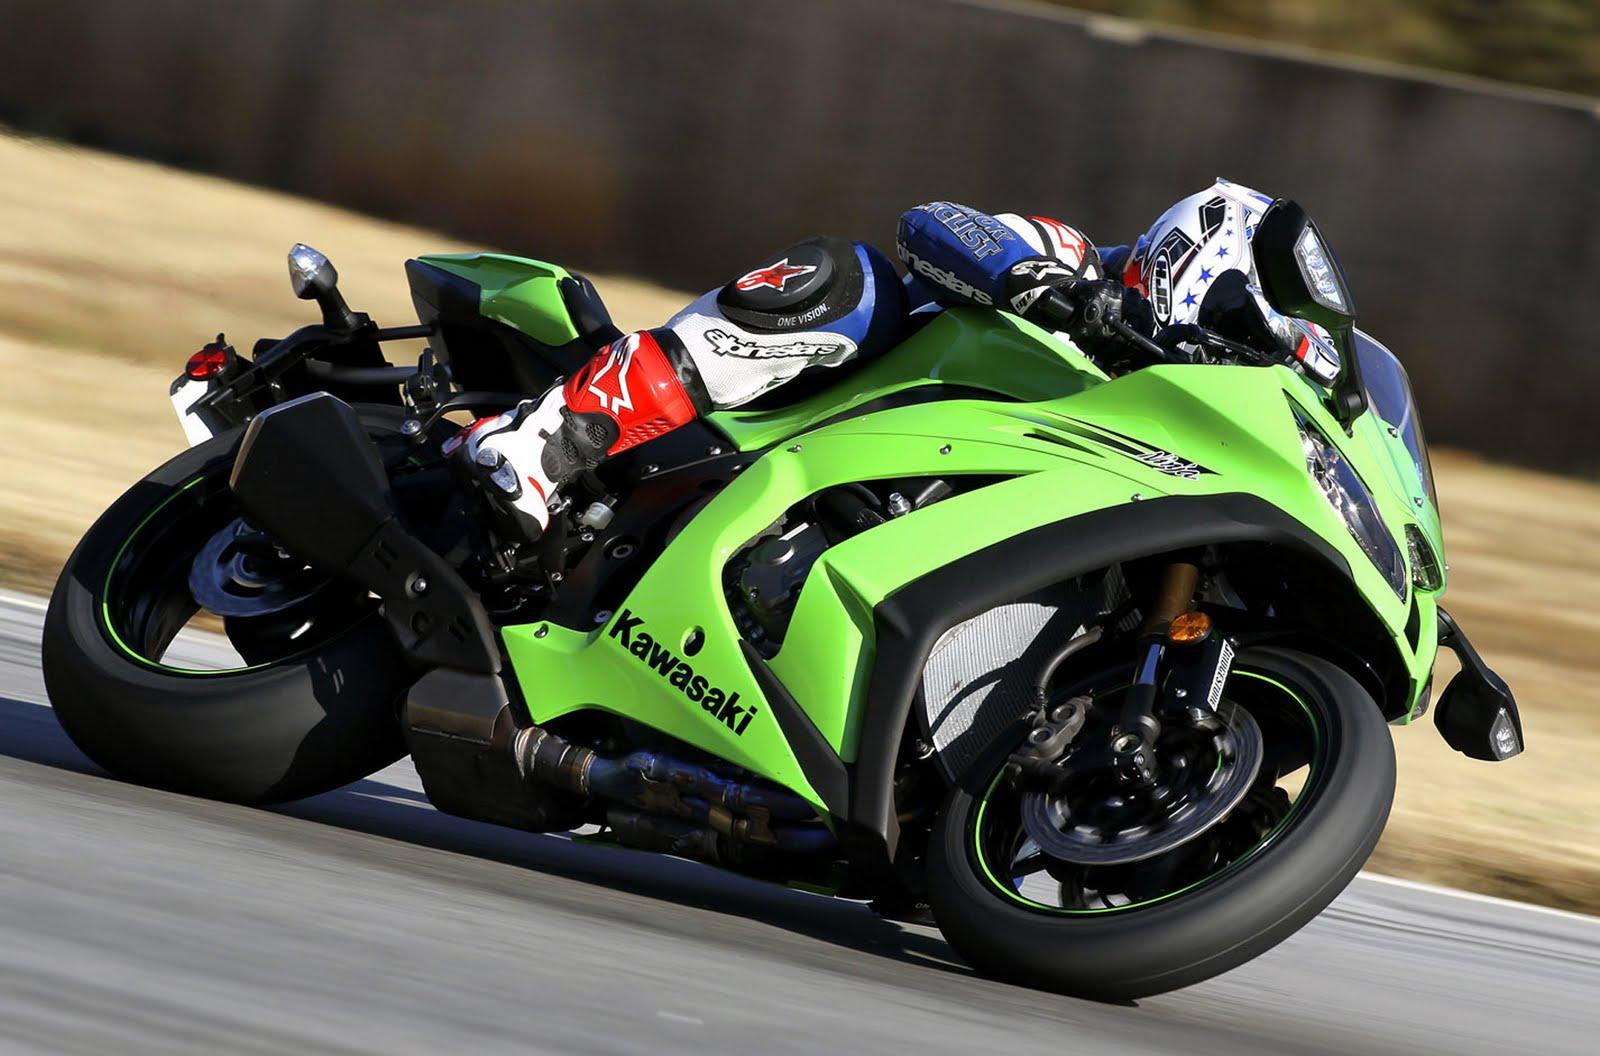 http://4.bp.blogspot.com/_TvNkUp-Yso8/TQyCYHc5FqI/AAAAAAAAB50/HYxamEuzX3o/s1600/2011-Kawasaki-NinjaZX10RABS%252Bn.jpg